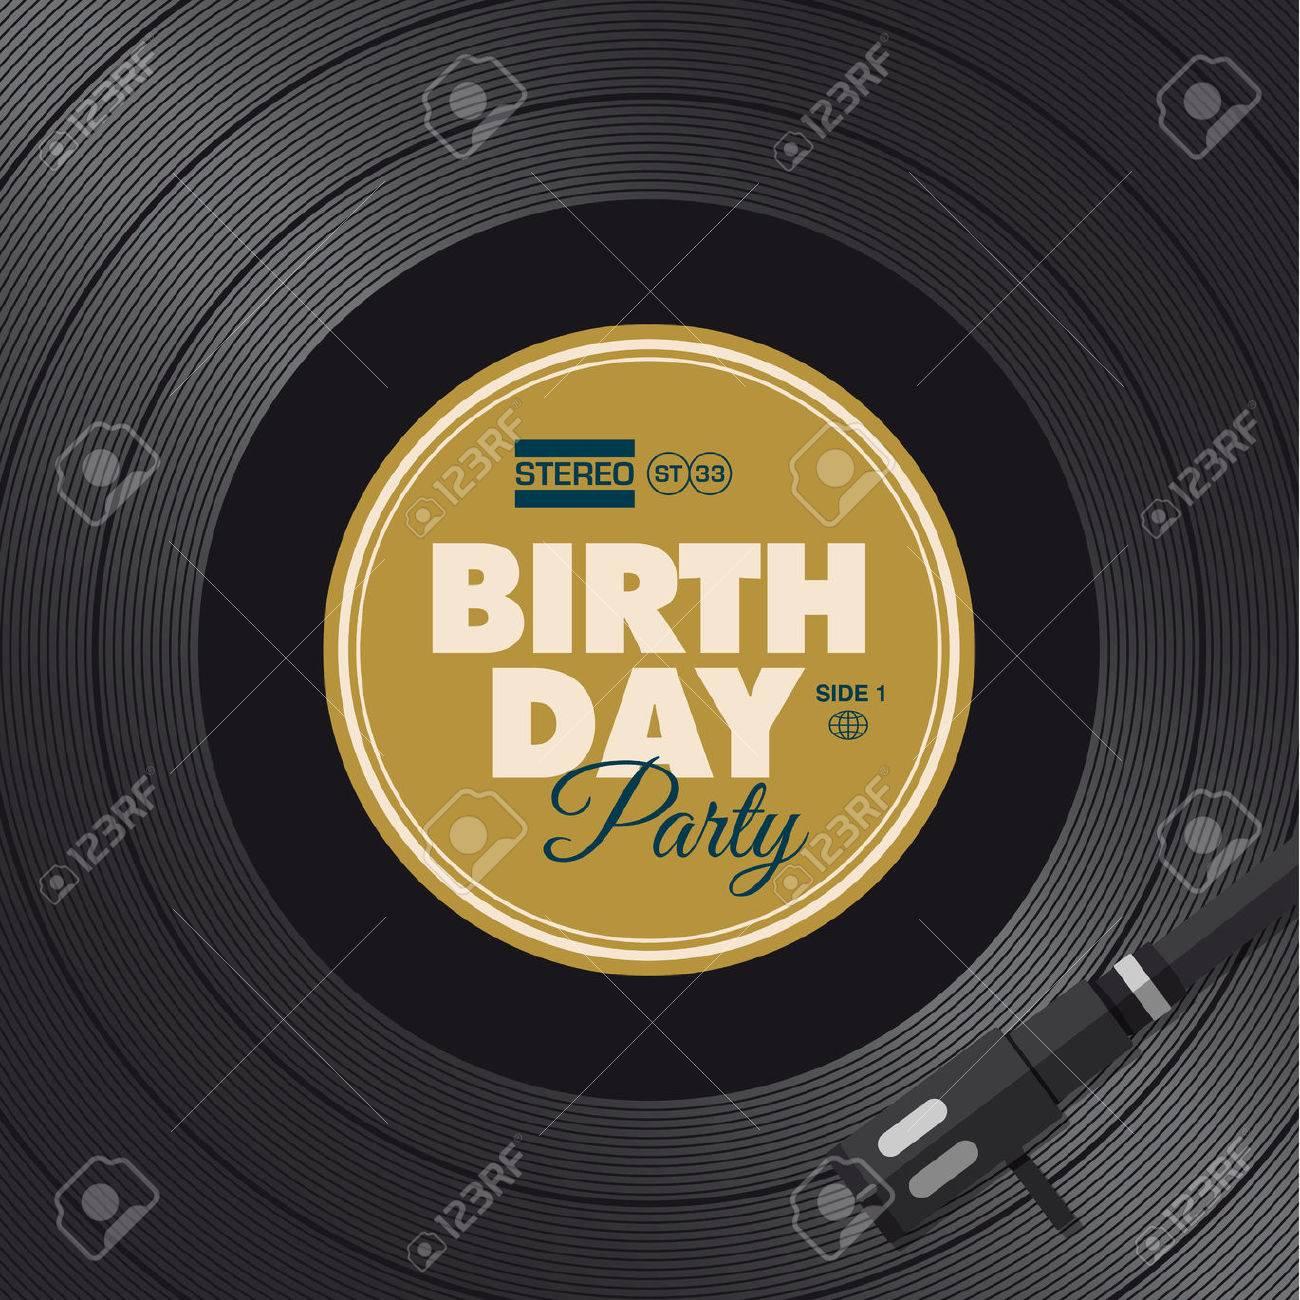 Birthday Party Invitation Card Vinyl Illustration Background